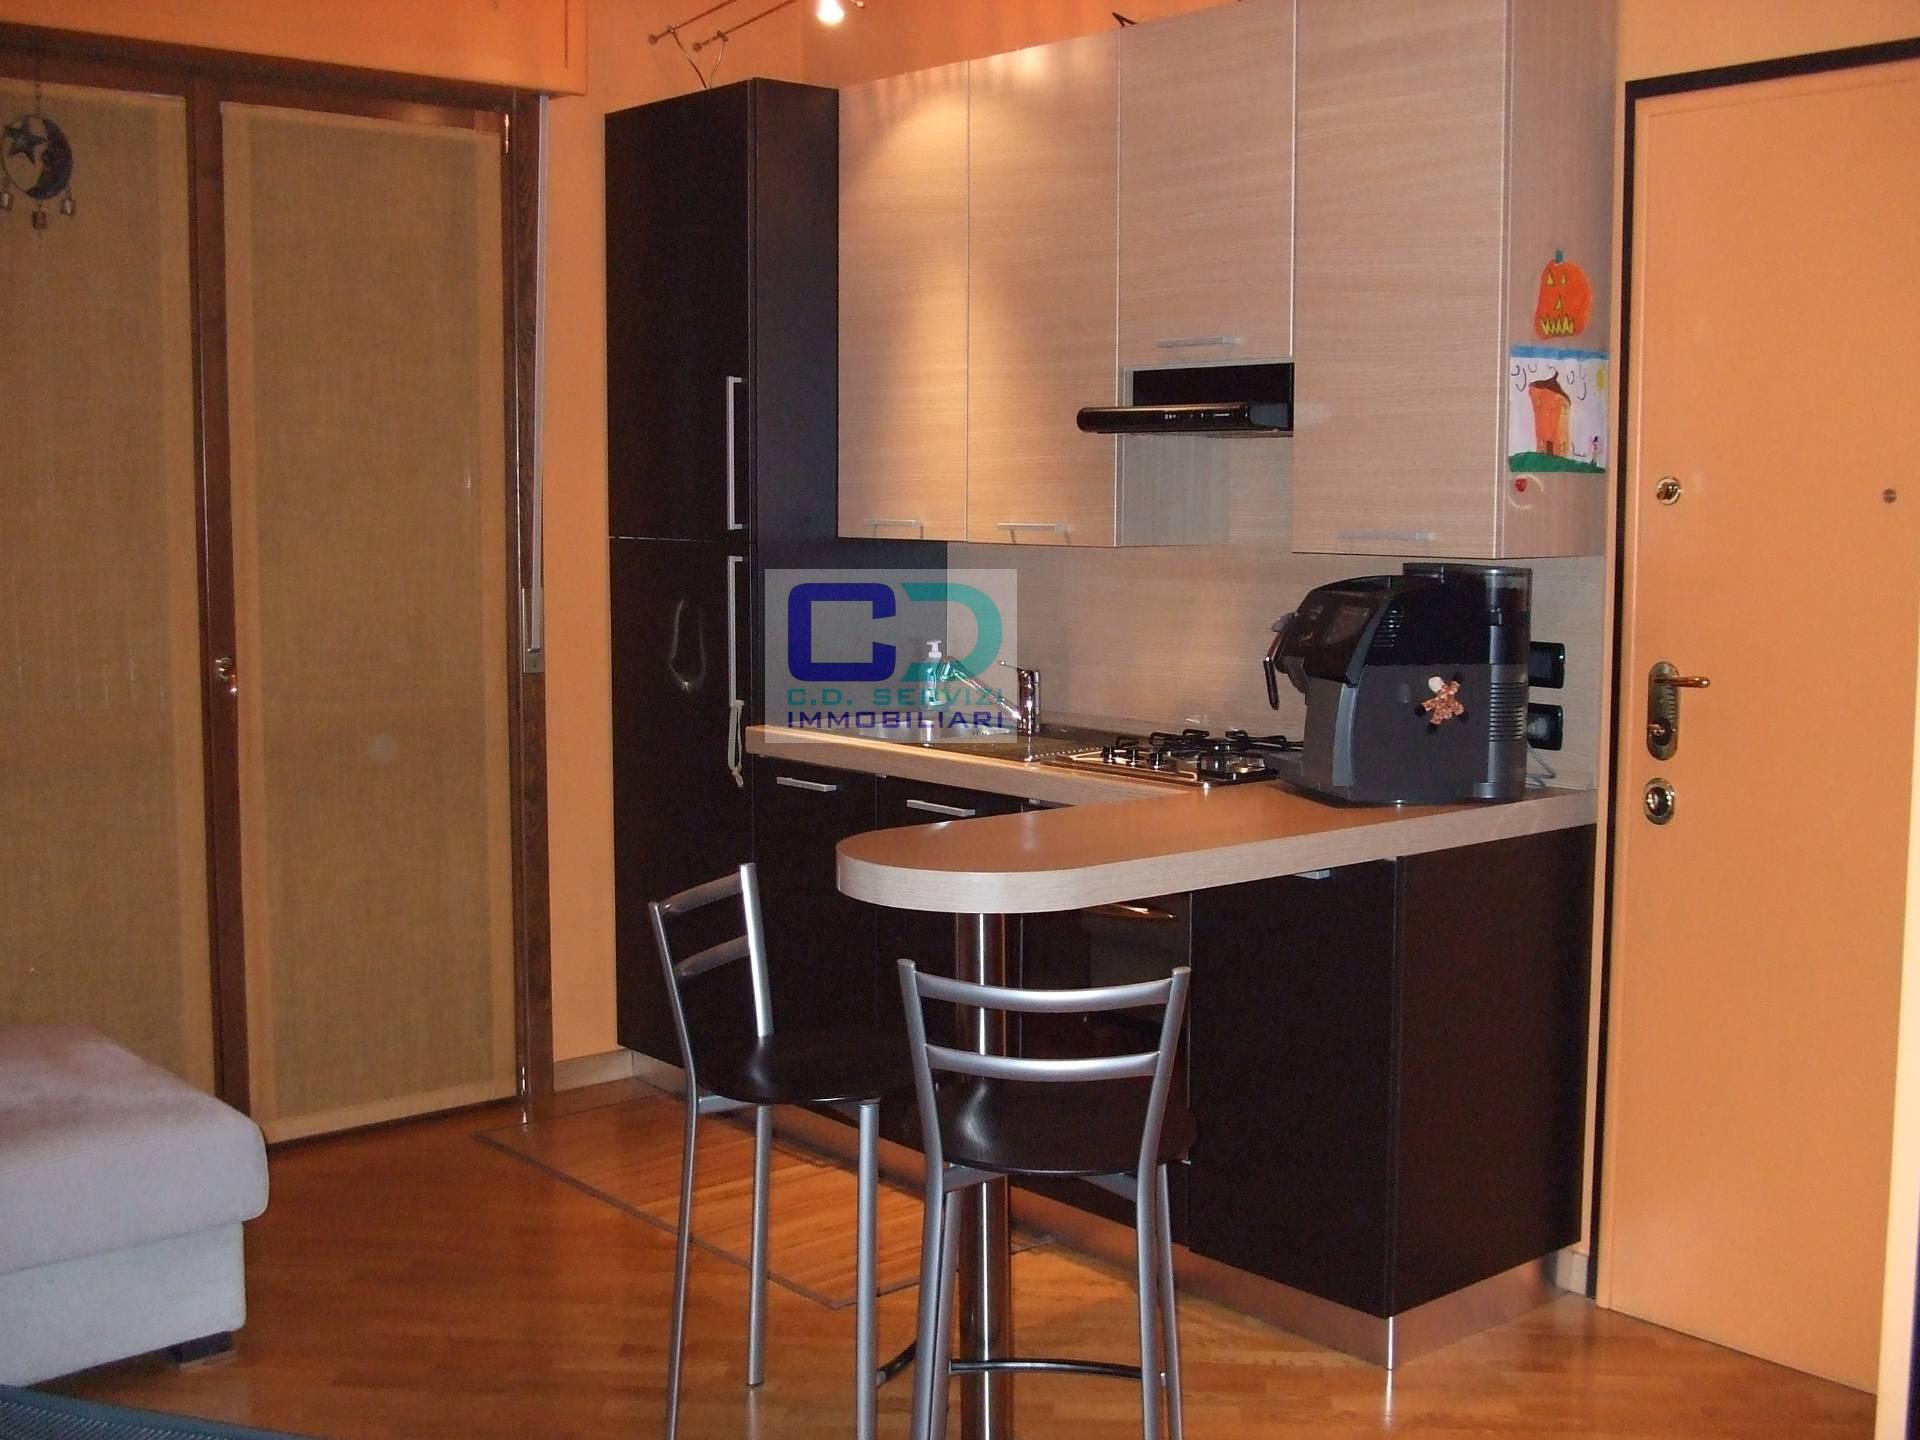 Appartamento in affitto a Cassano d'Adda, 1 locali, prezzo € 450 | CambioCasa.it